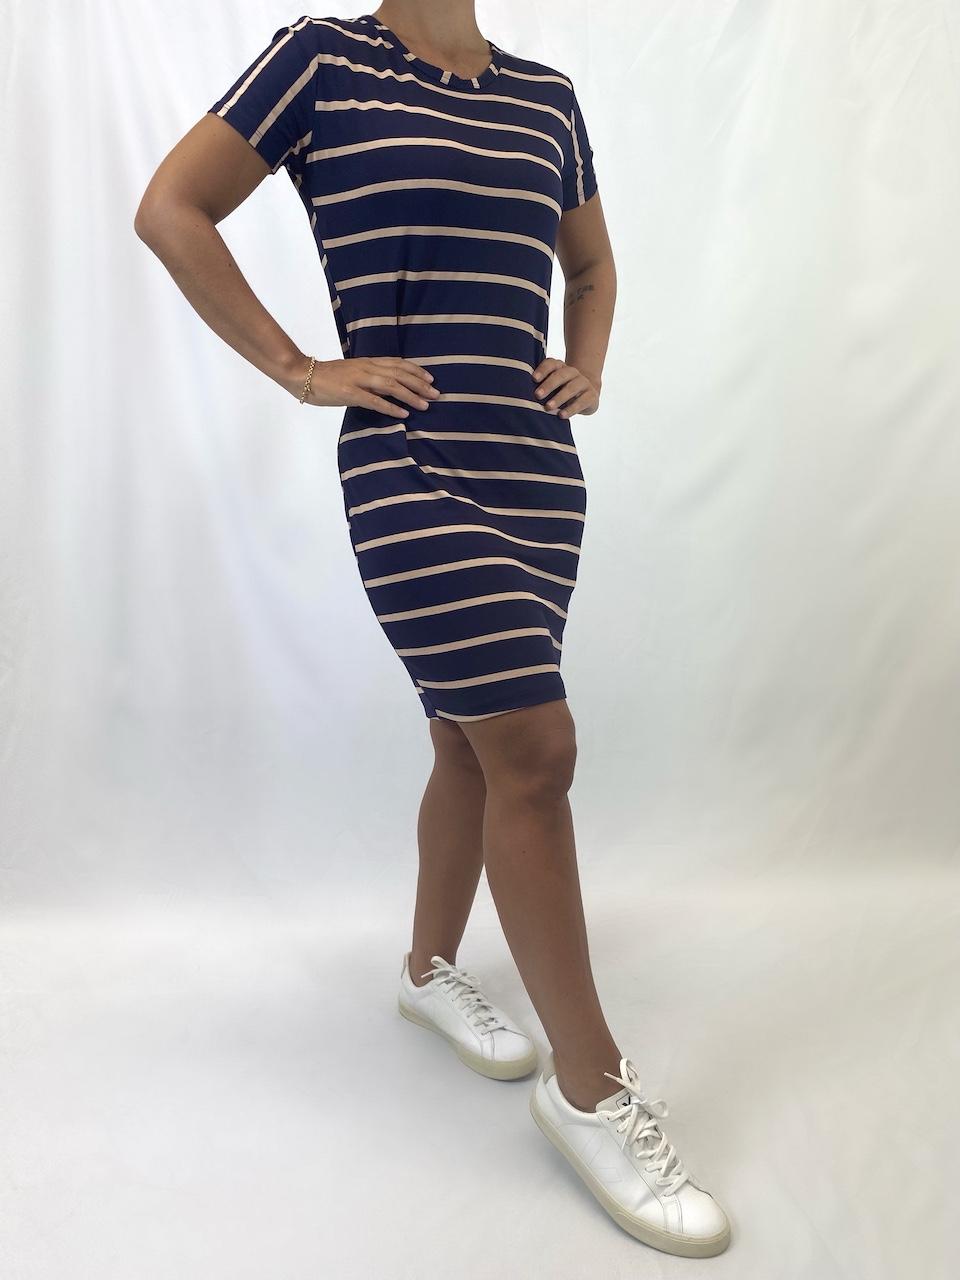 Vestido Tubinho Listrado Feminino - Azul Marinho e Dourado Listra Grossa